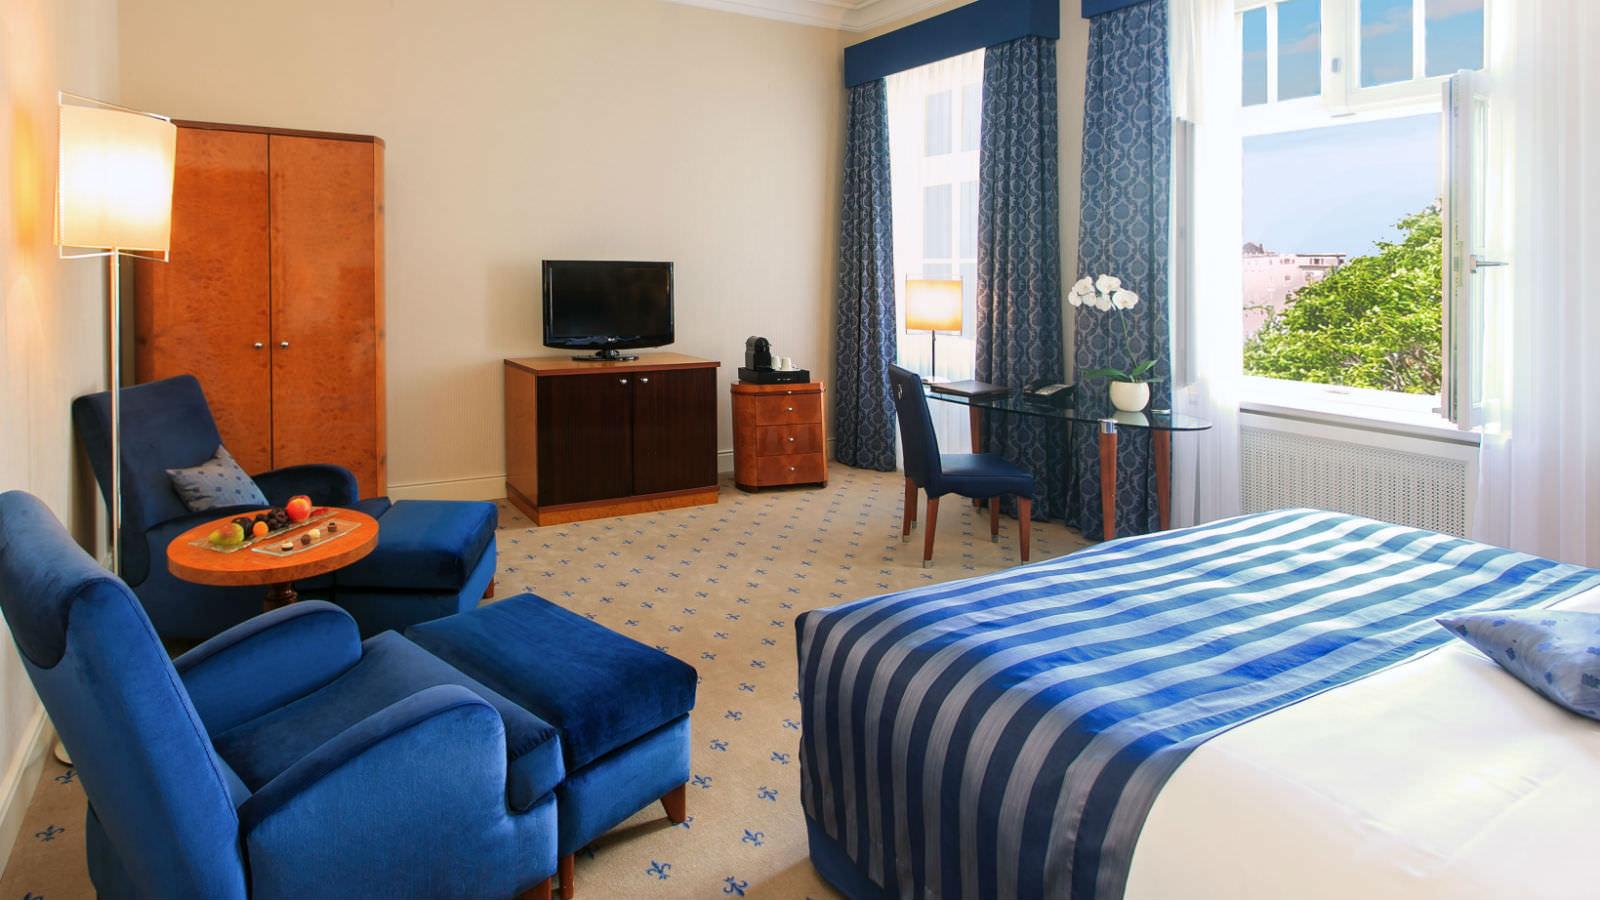 Hier ein Blick in eines der schönen Executive Zimmer im 5-Sterne Luxushotel Fürstenhof, Leipzig / © Hotel Fürstenhof, Leipzig